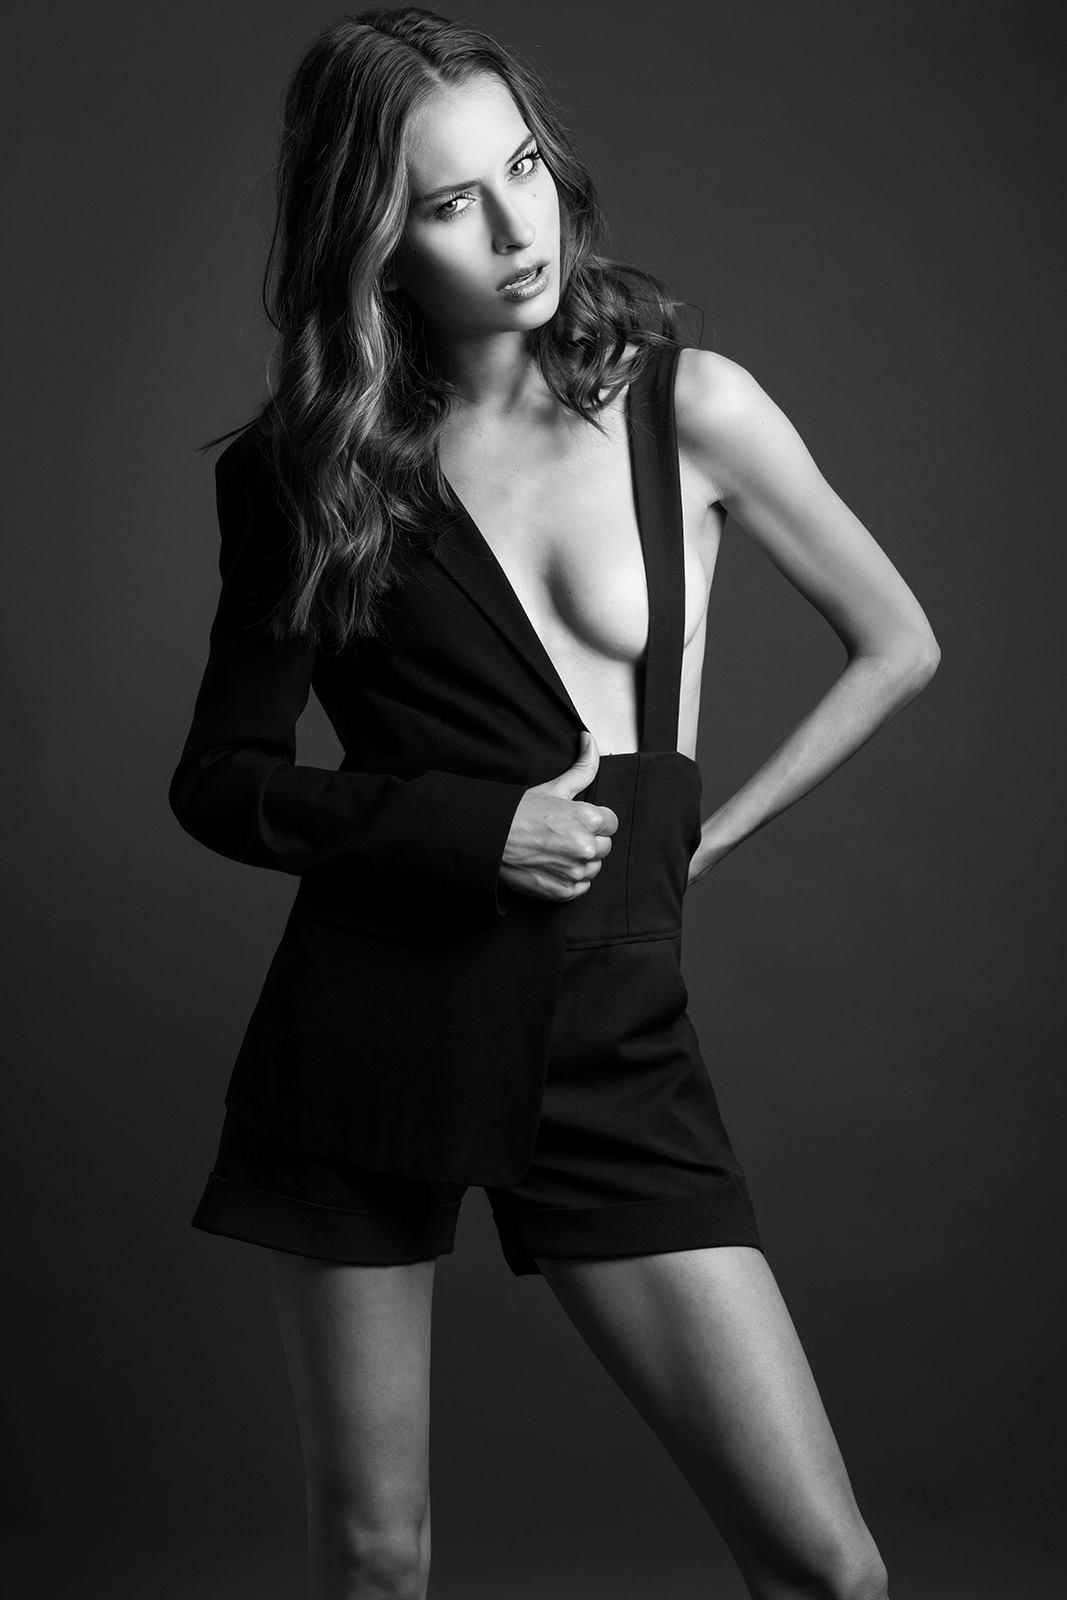 7. Black Suspender Short 1e57c